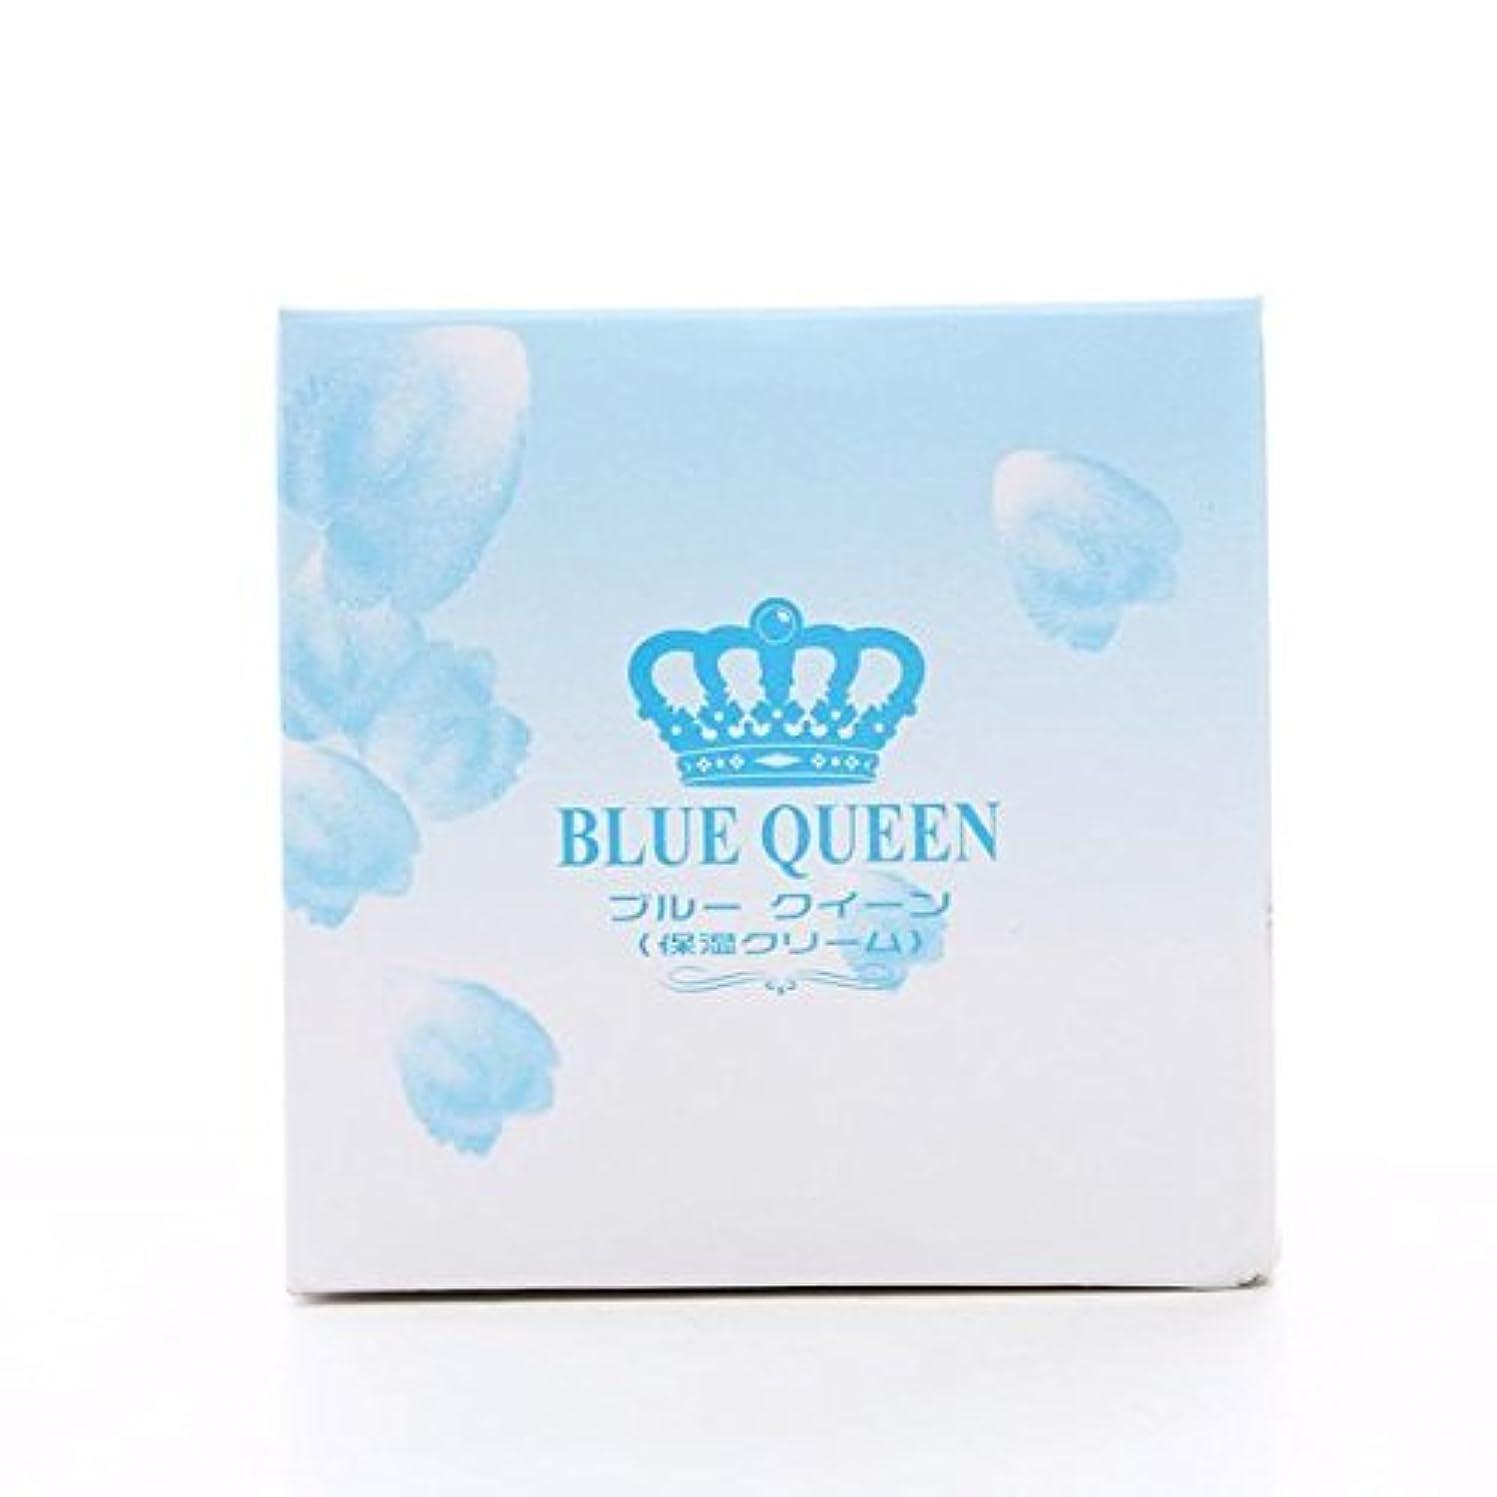 暗記するメールを書く小川ブルー クイーン BLUE QUEEN